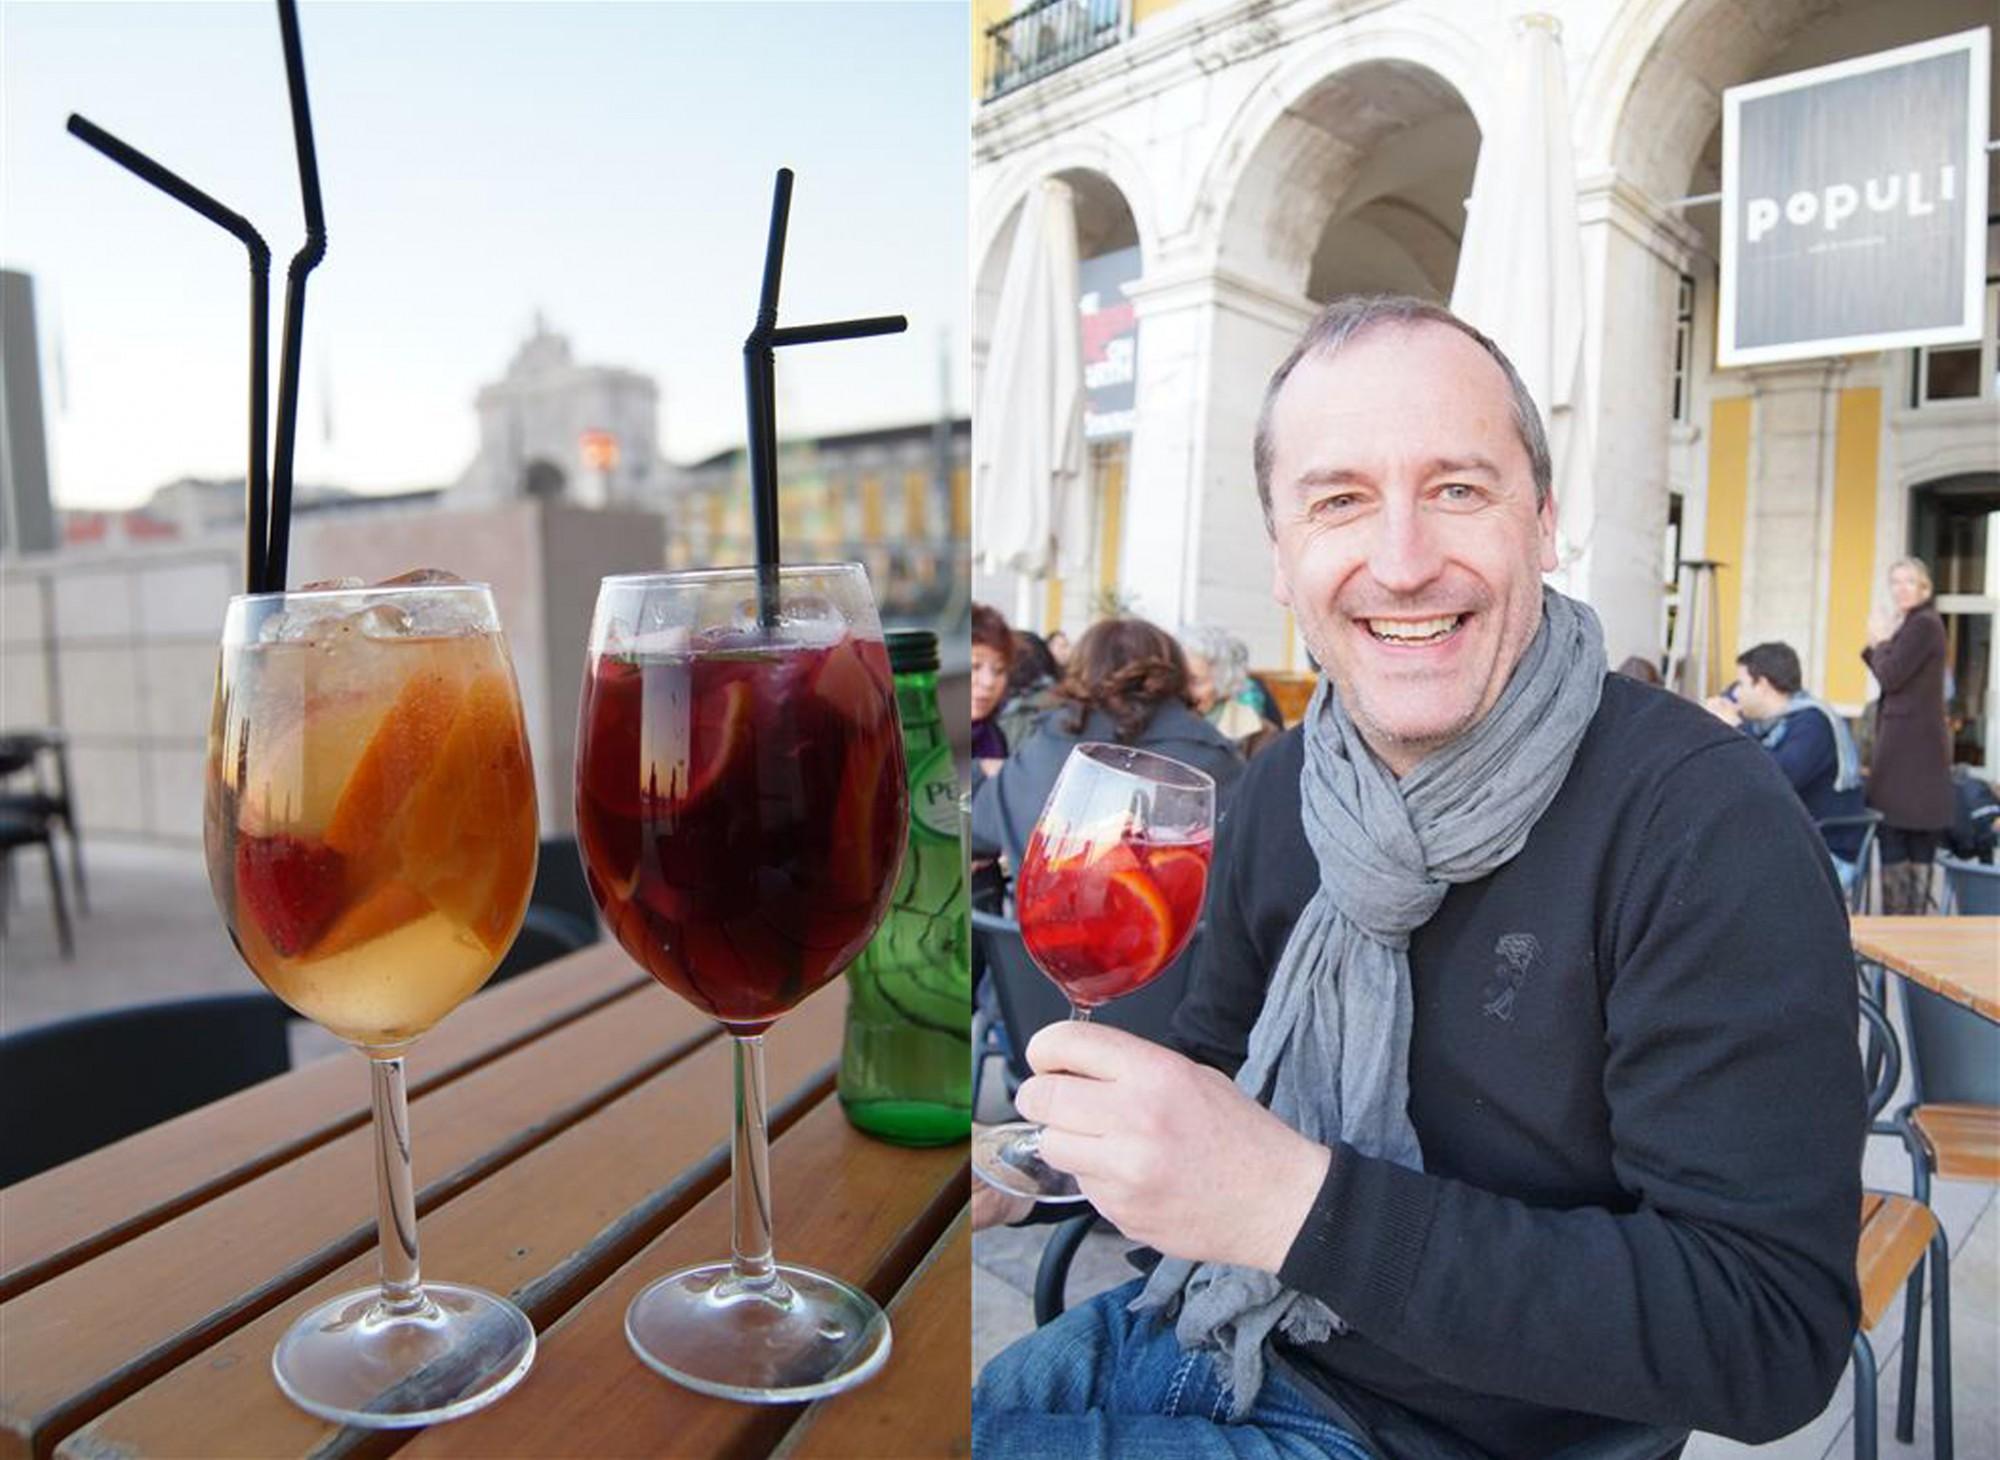 Reisetipps Lissabon in Winter von Ü40 Bloggerin Cerstin iknmlo Sangria Populi